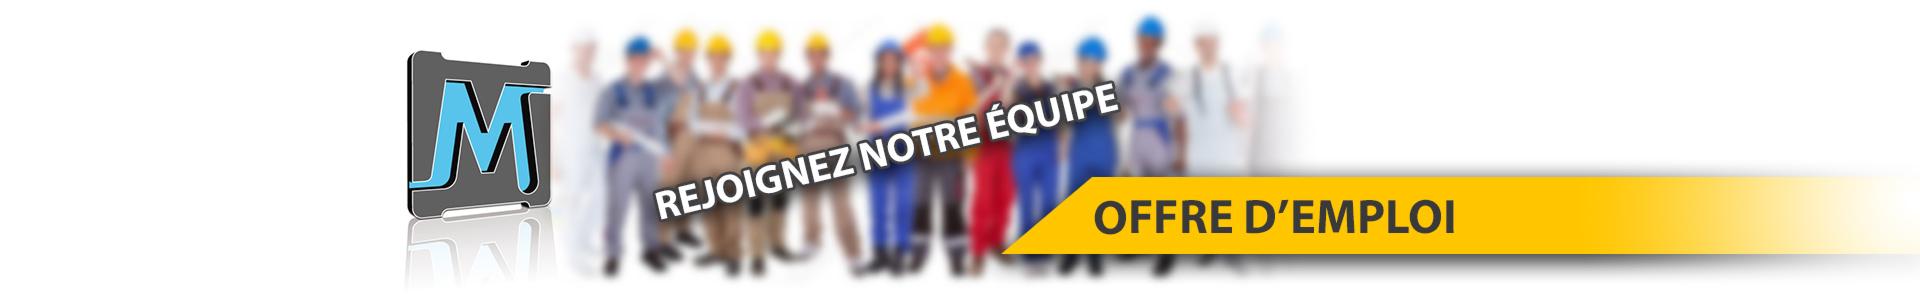 Offre d'emploi dans l'industrie sur Nîmes - plastique Meridies (30, 34 et 66) - Rejoignez notre équipe.